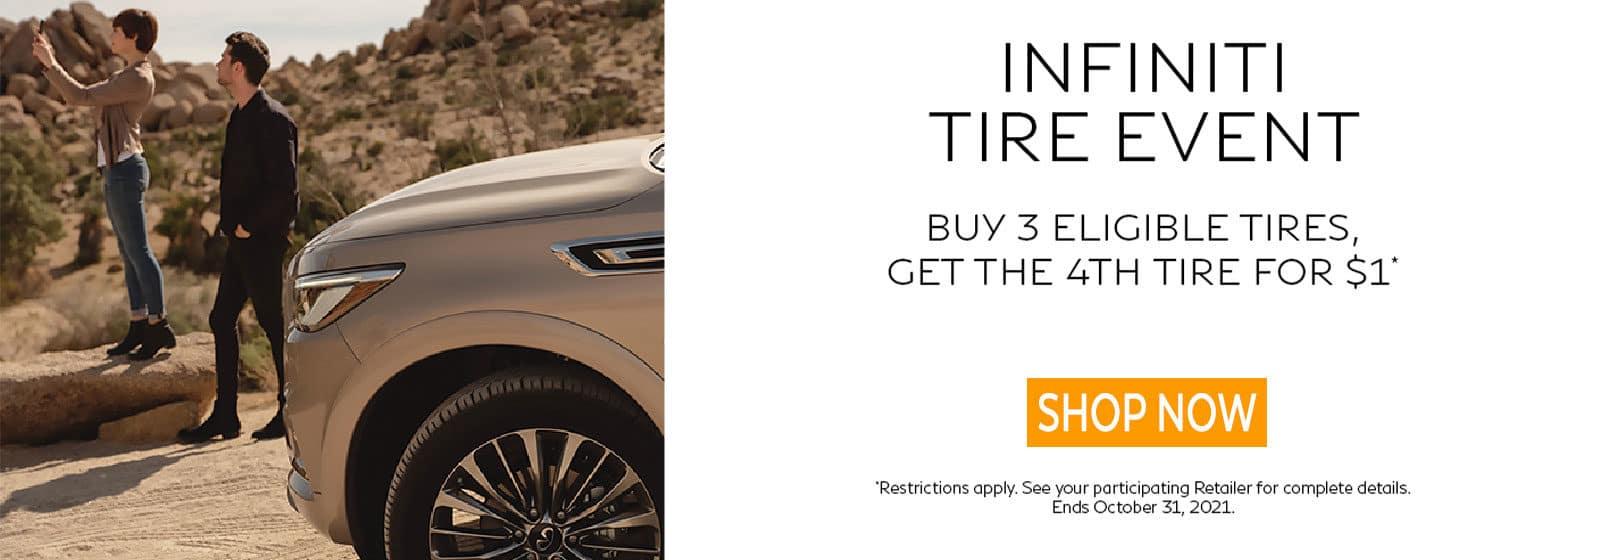 Homepage-Buy-3-INFINITI-11-7-21